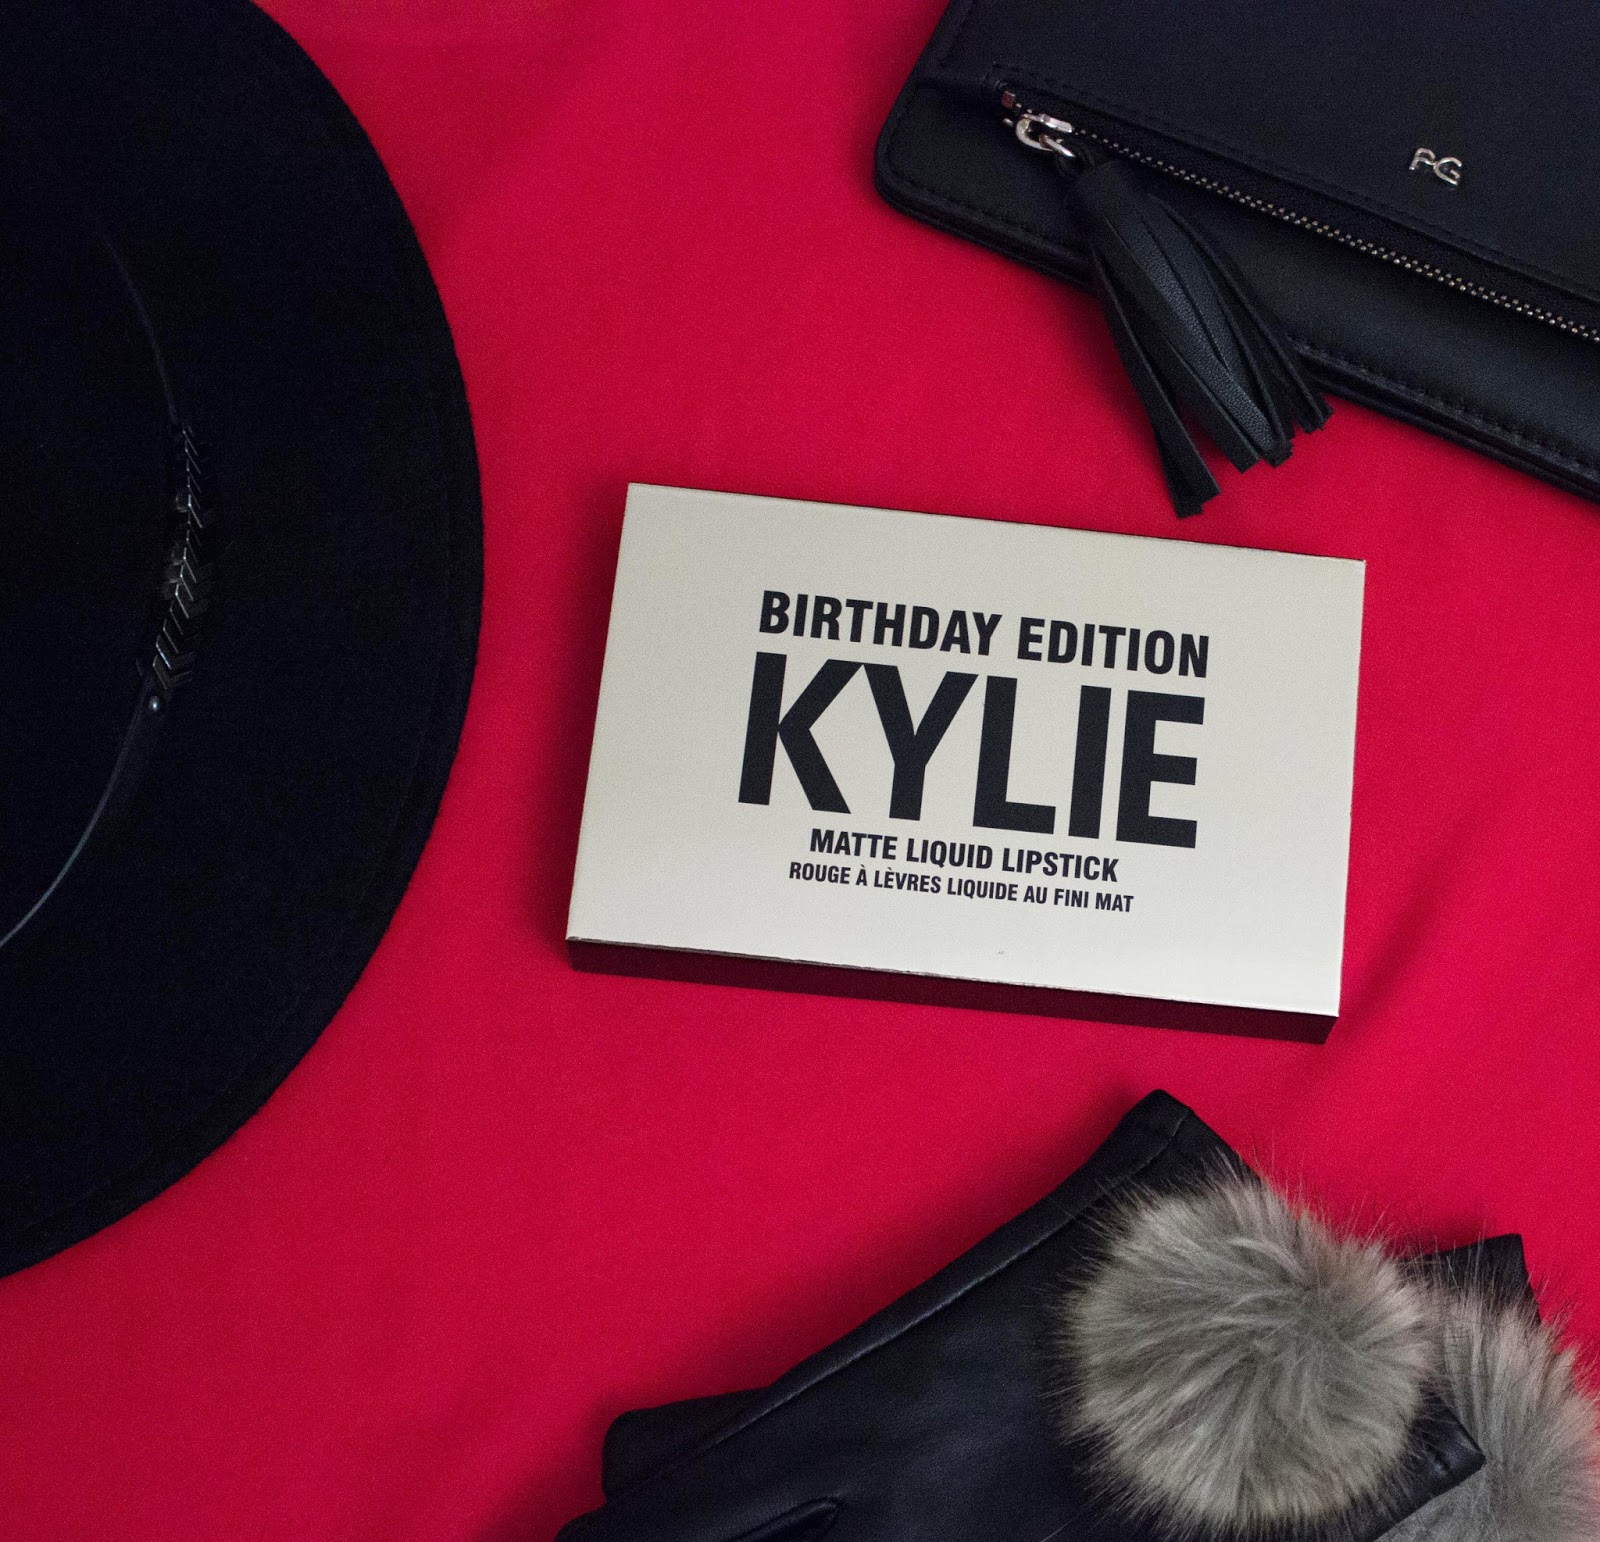 KYLIE BIRTHDAY EDITION | MATTE LIQUID LIPSTICK